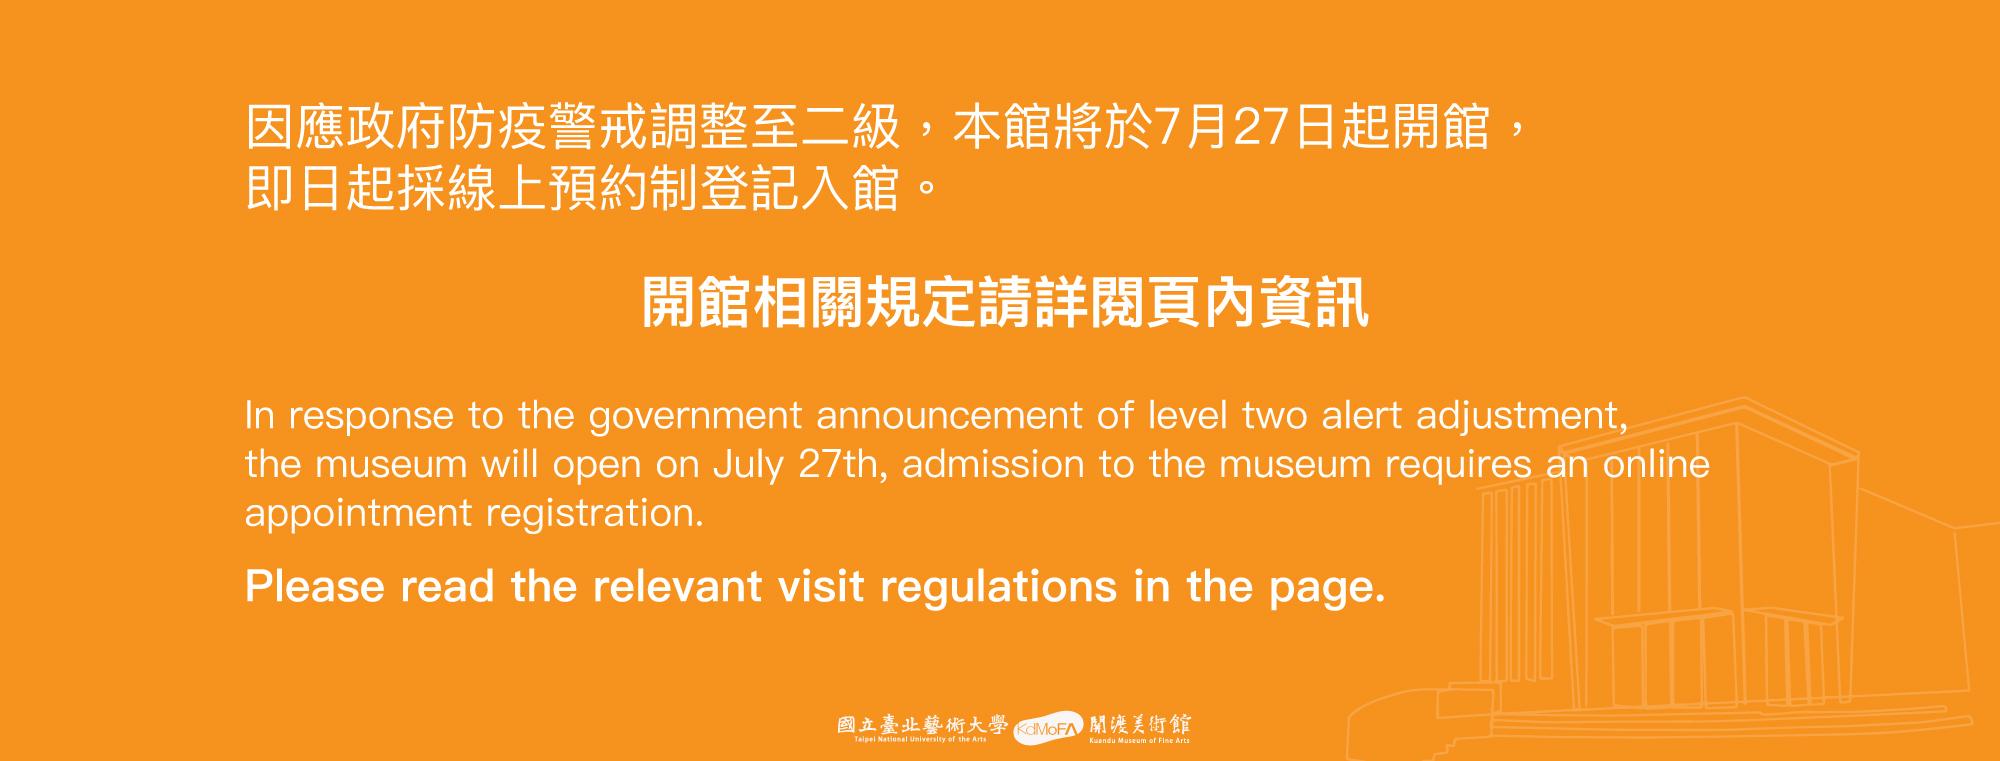 關渡美術館7月27日開館資訊公告